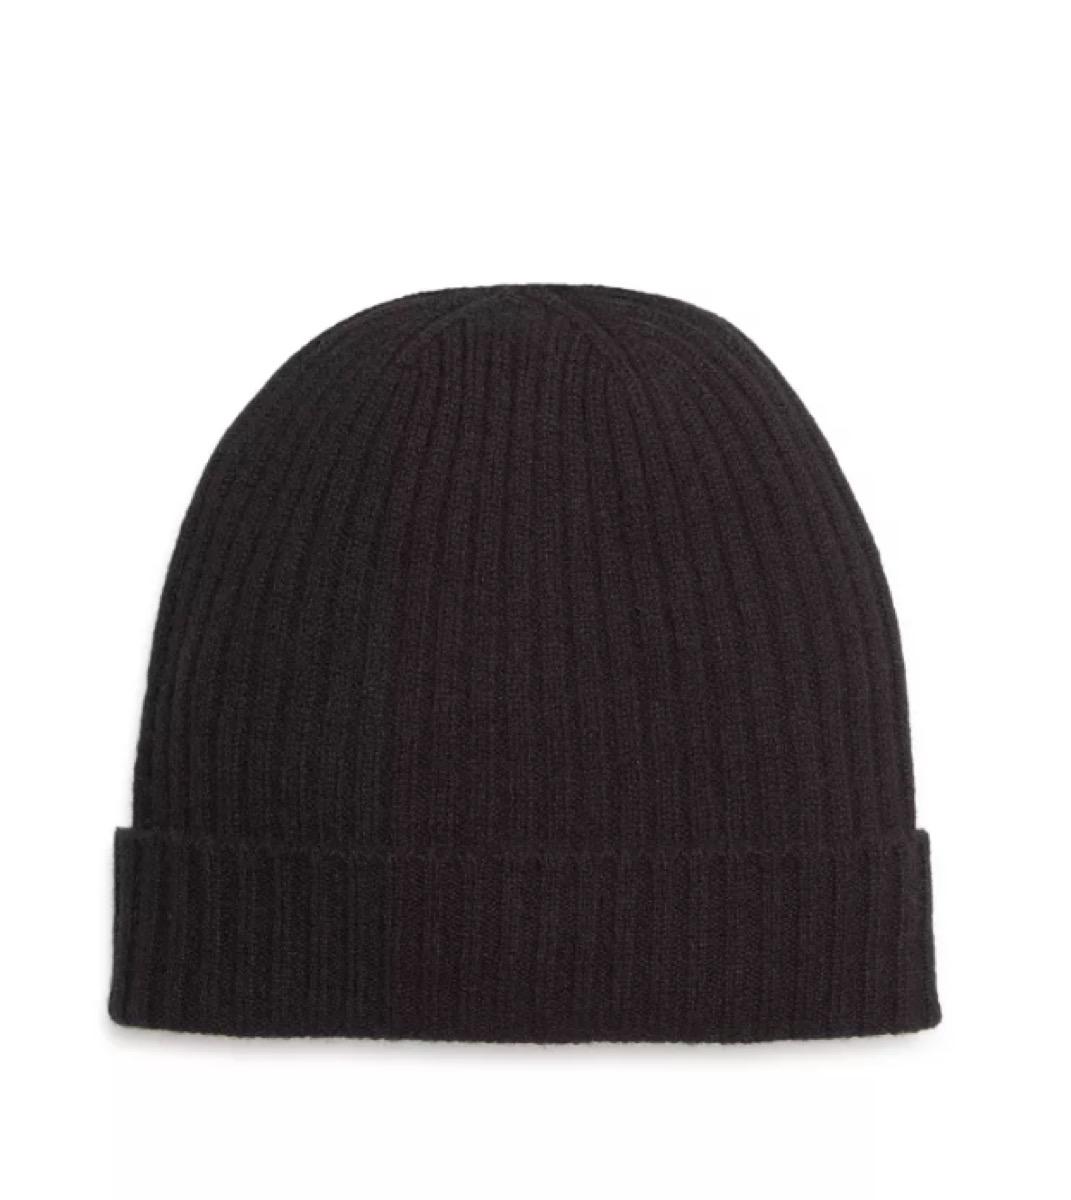 cashmere ribbed cuff hat, best boyfriend gifts